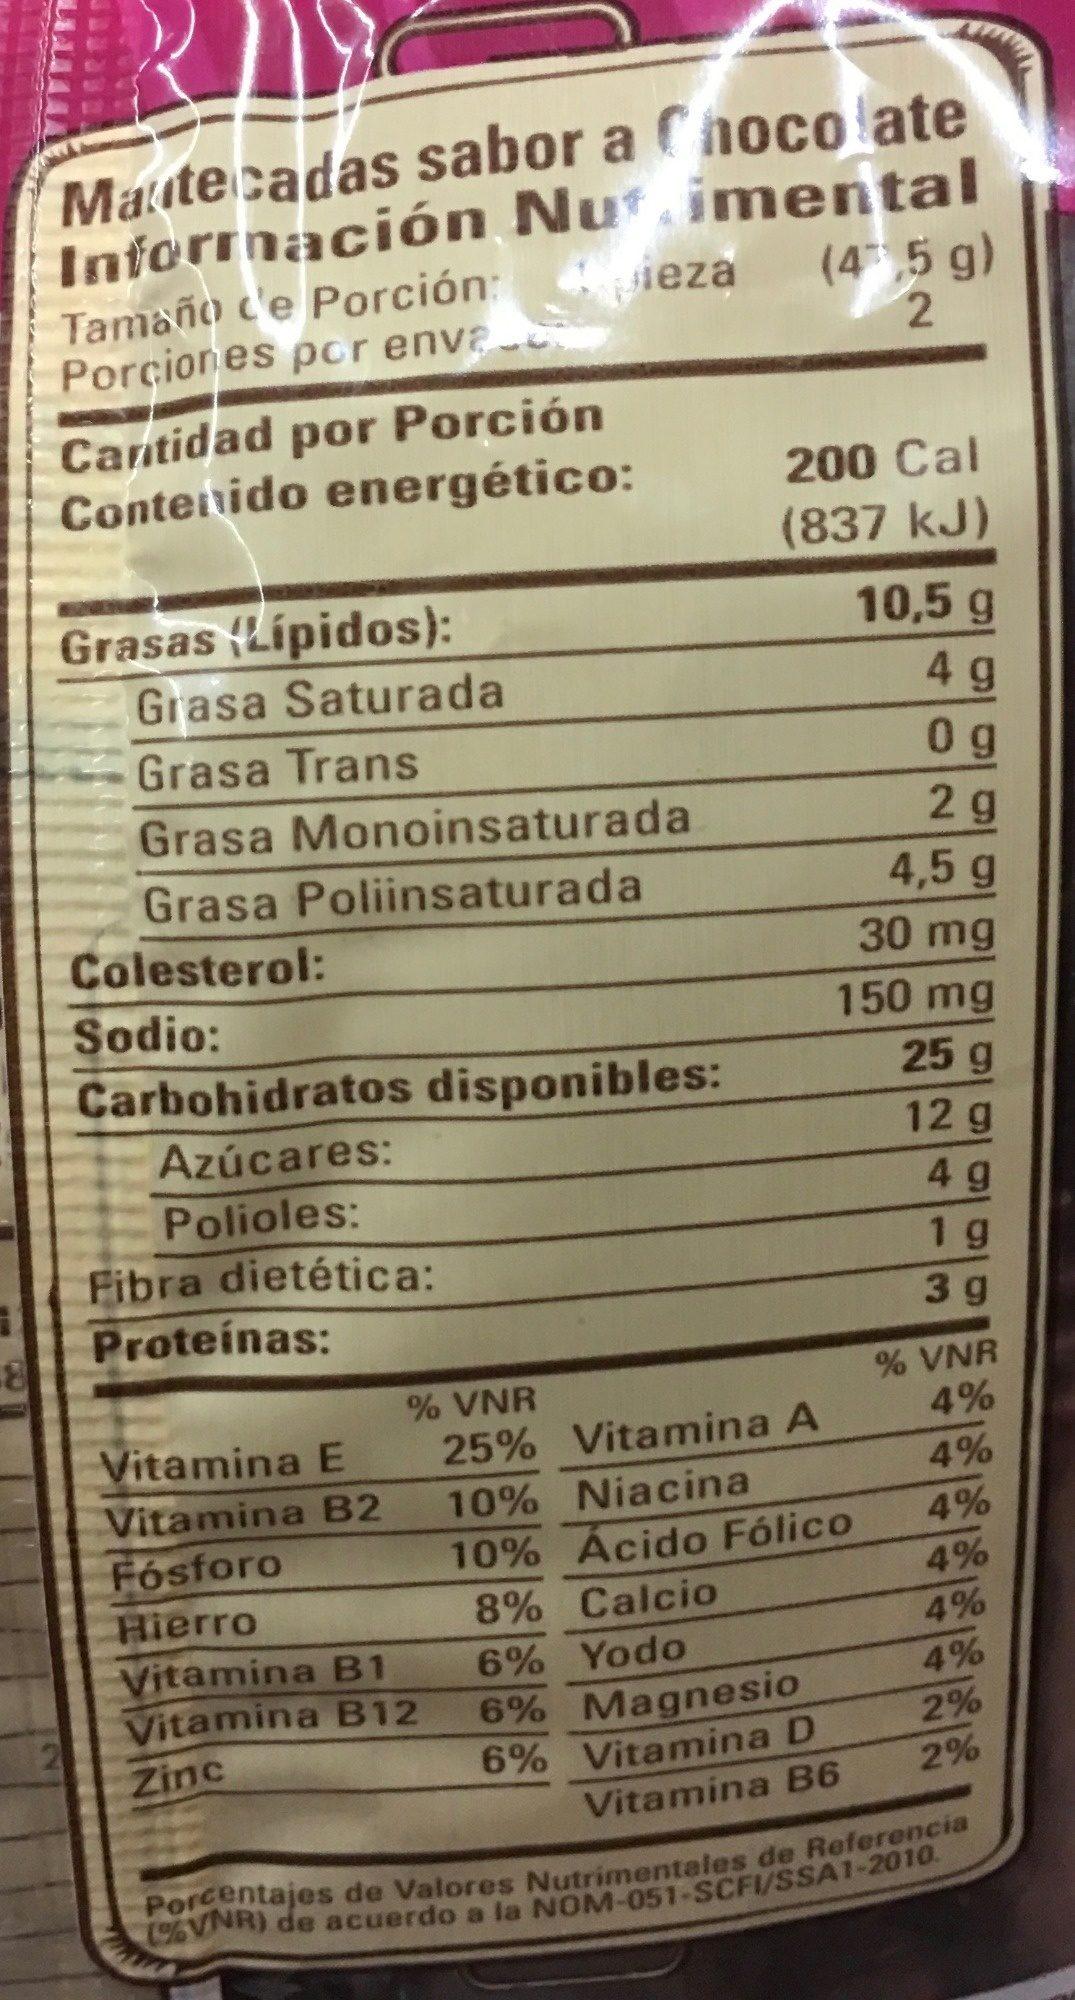 Mantecadas vainilla y chocolate - Nutrition facts